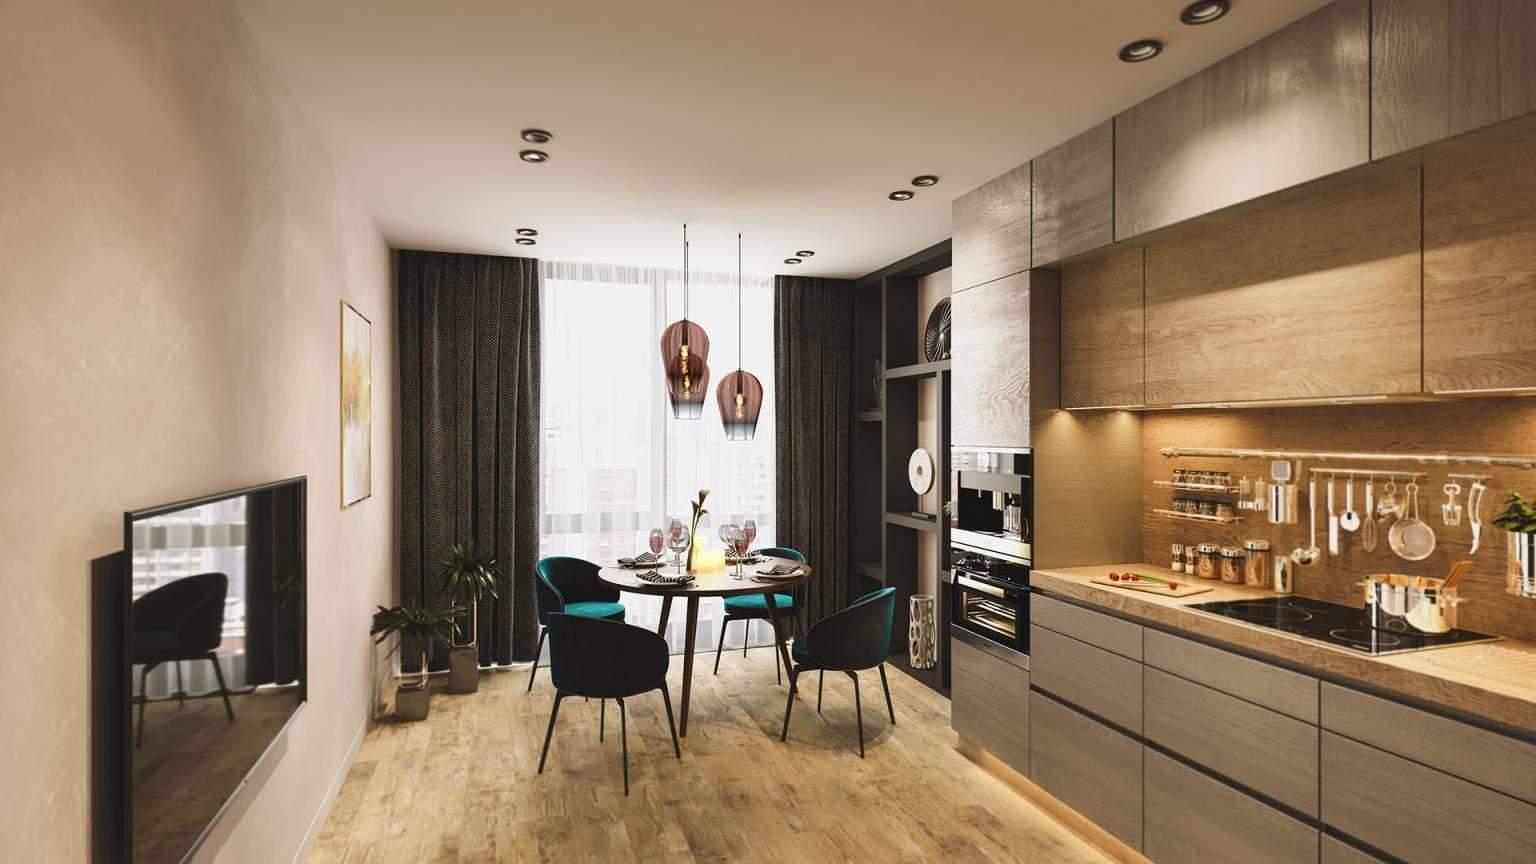 Ознайомтеся із всіма квартирами в доступному діапазоні цін, які пропонує ринок